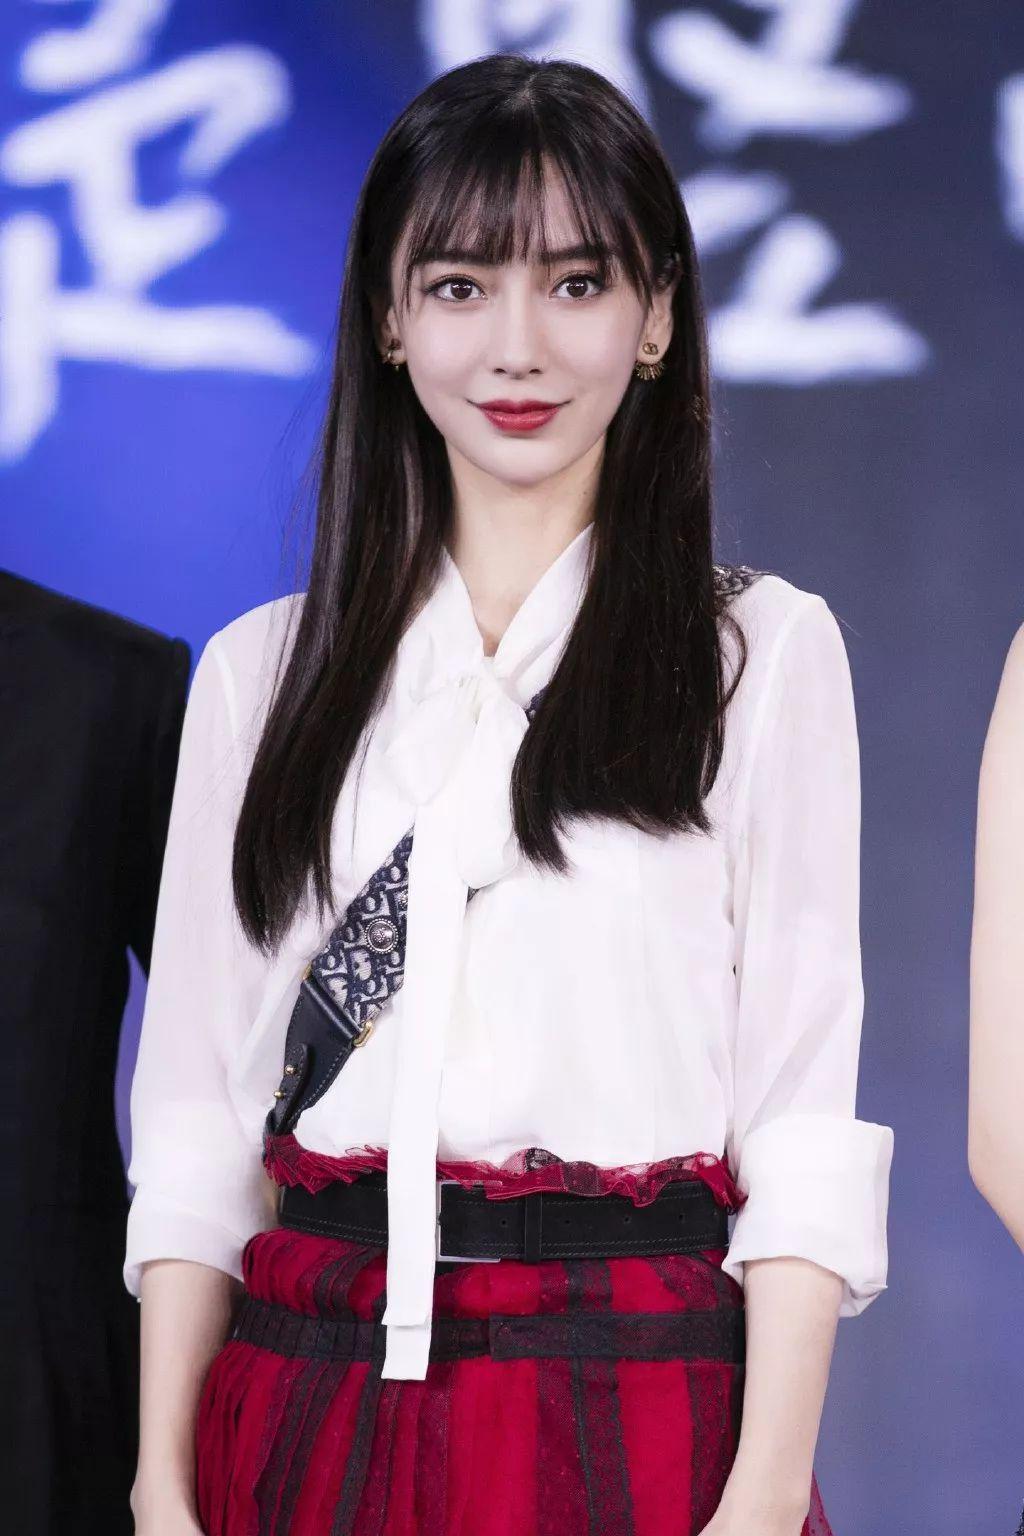 get女明星同款发型,颜值飙升!_齐刘海图片